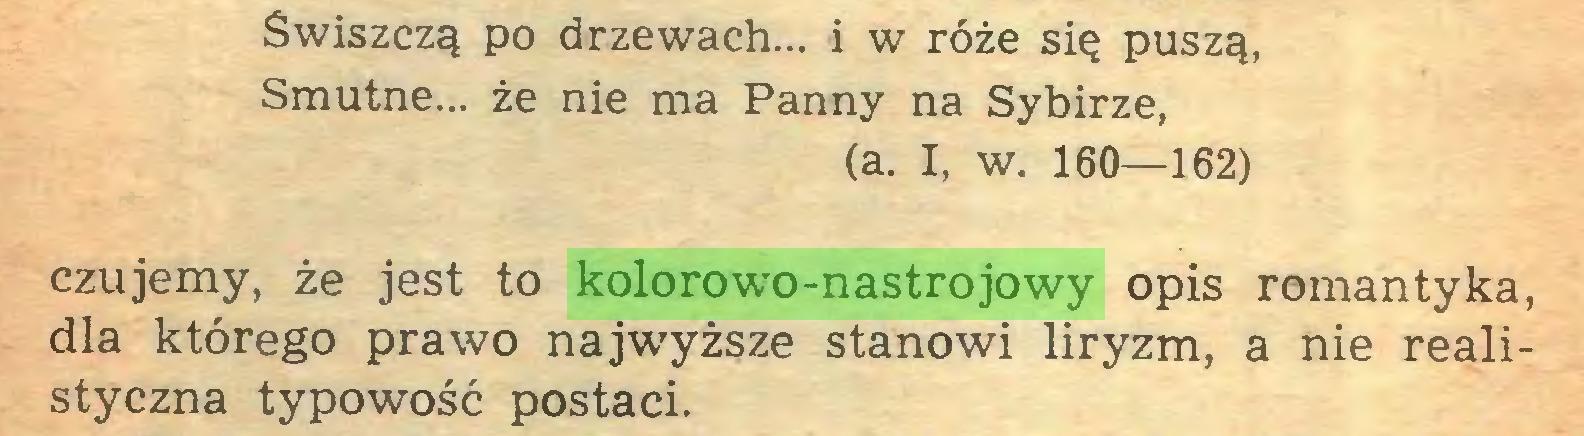 (...) Świszczą po drzewach... i w róże się puszą, Smutne... że nie ma Panny na Sybirze, (a. I, w. 160—162) czujemy, że jest to kolorowo-nastrojowy opis romantyka, dla którego prawo najwyższe stanowi liryzm, a nie realistyczna typowość postaci...